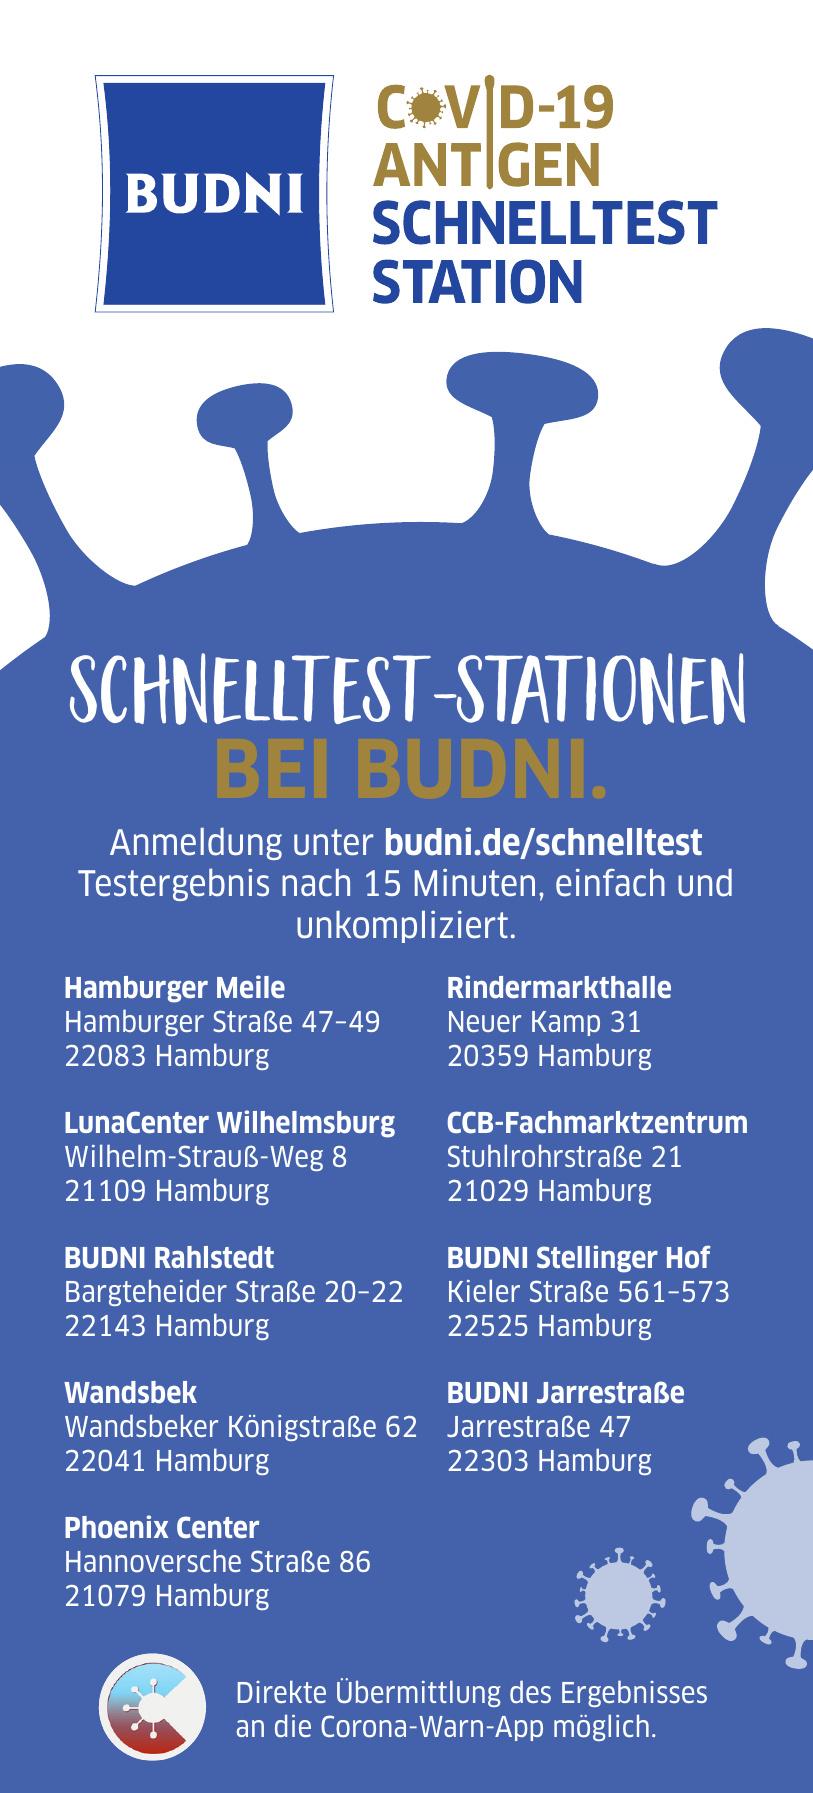 Schnelltest-Stationen bei Budni